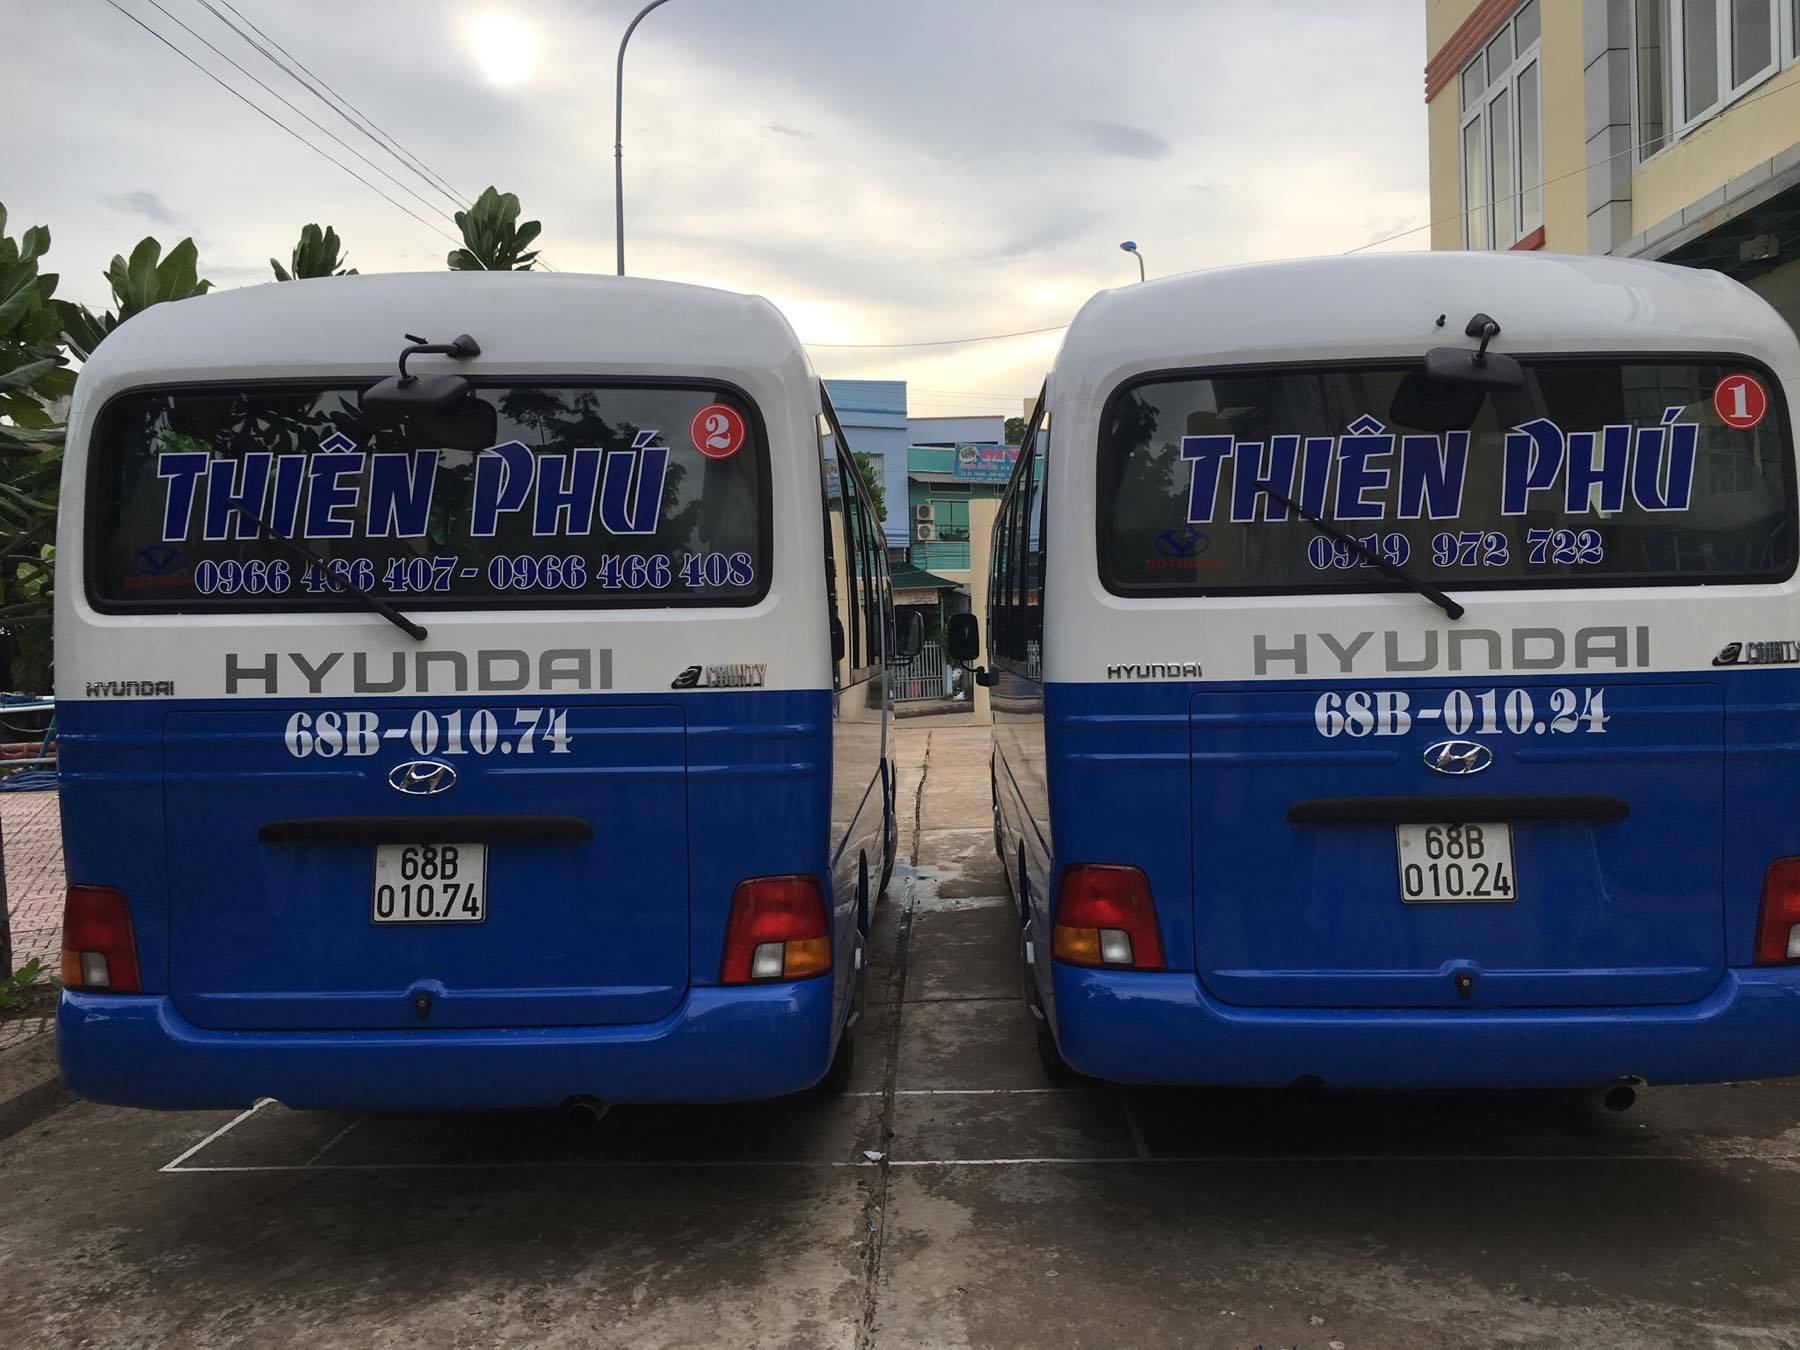 xe thien phu bai vong an thoi (phu quoc)